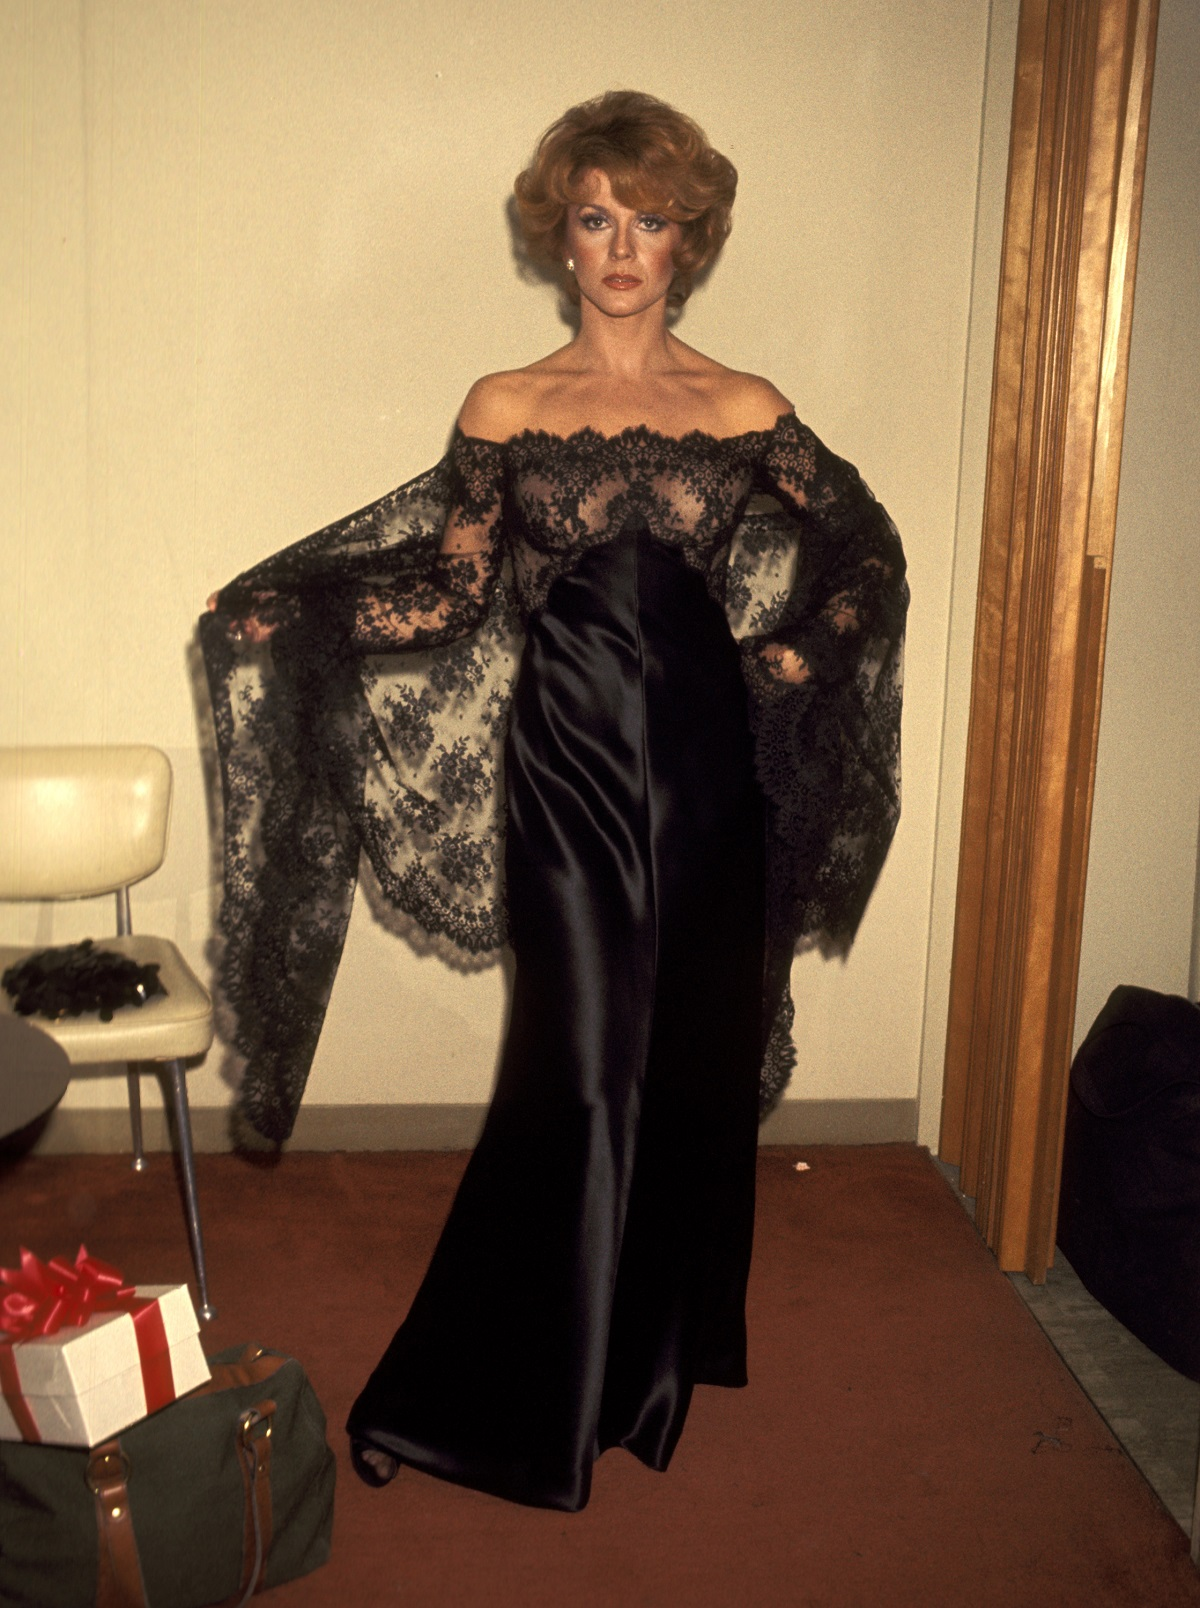 Ann-Margret in 1977